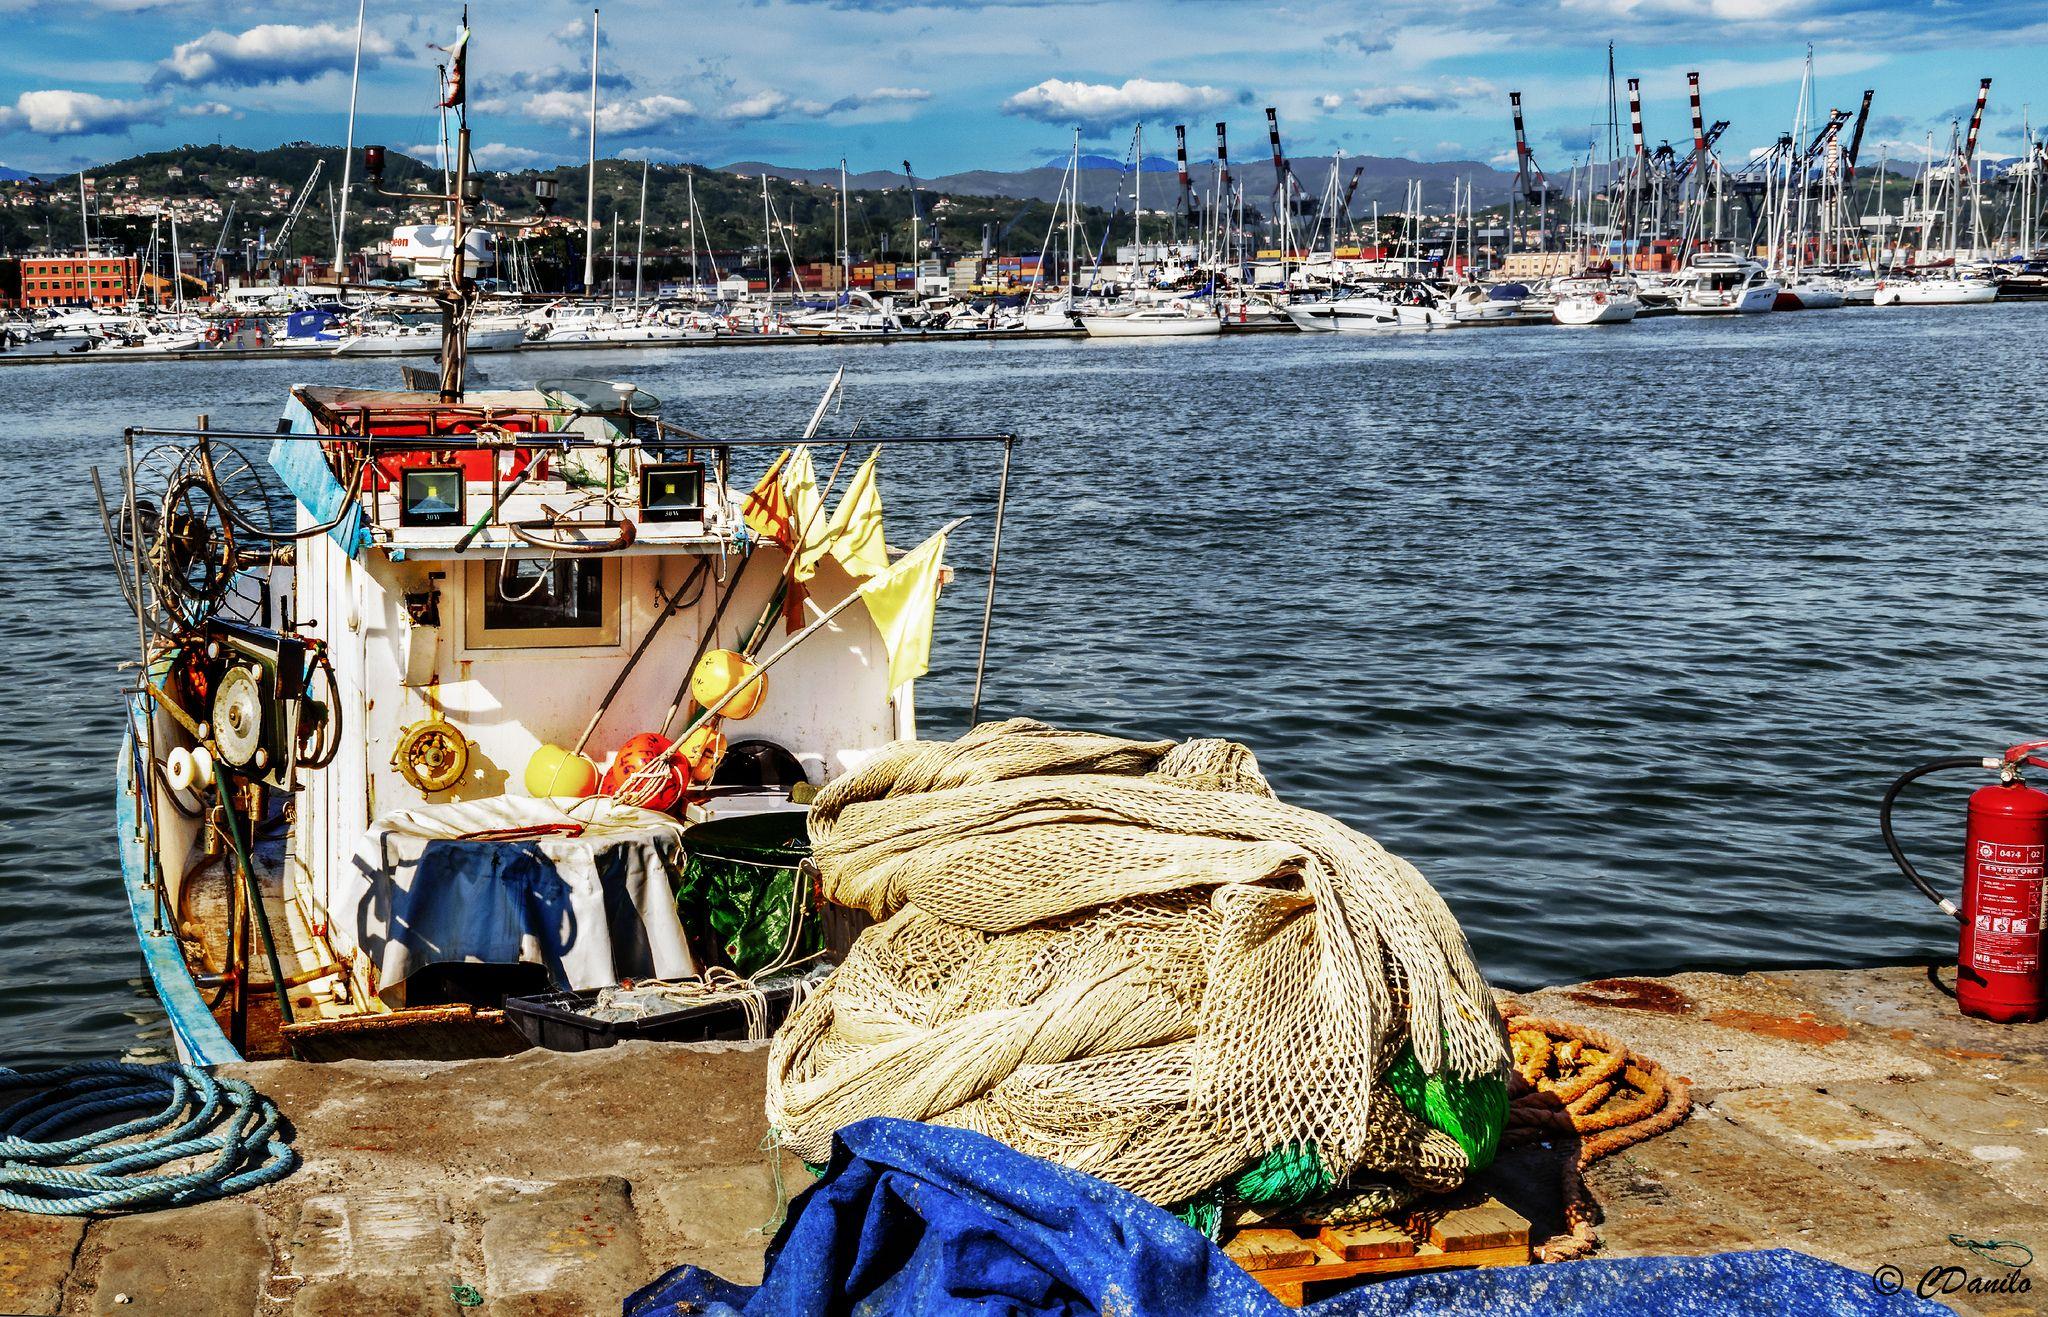 Barca Da Pesca Varricello E Reti Nel Golfo Boat Fish Fishnet